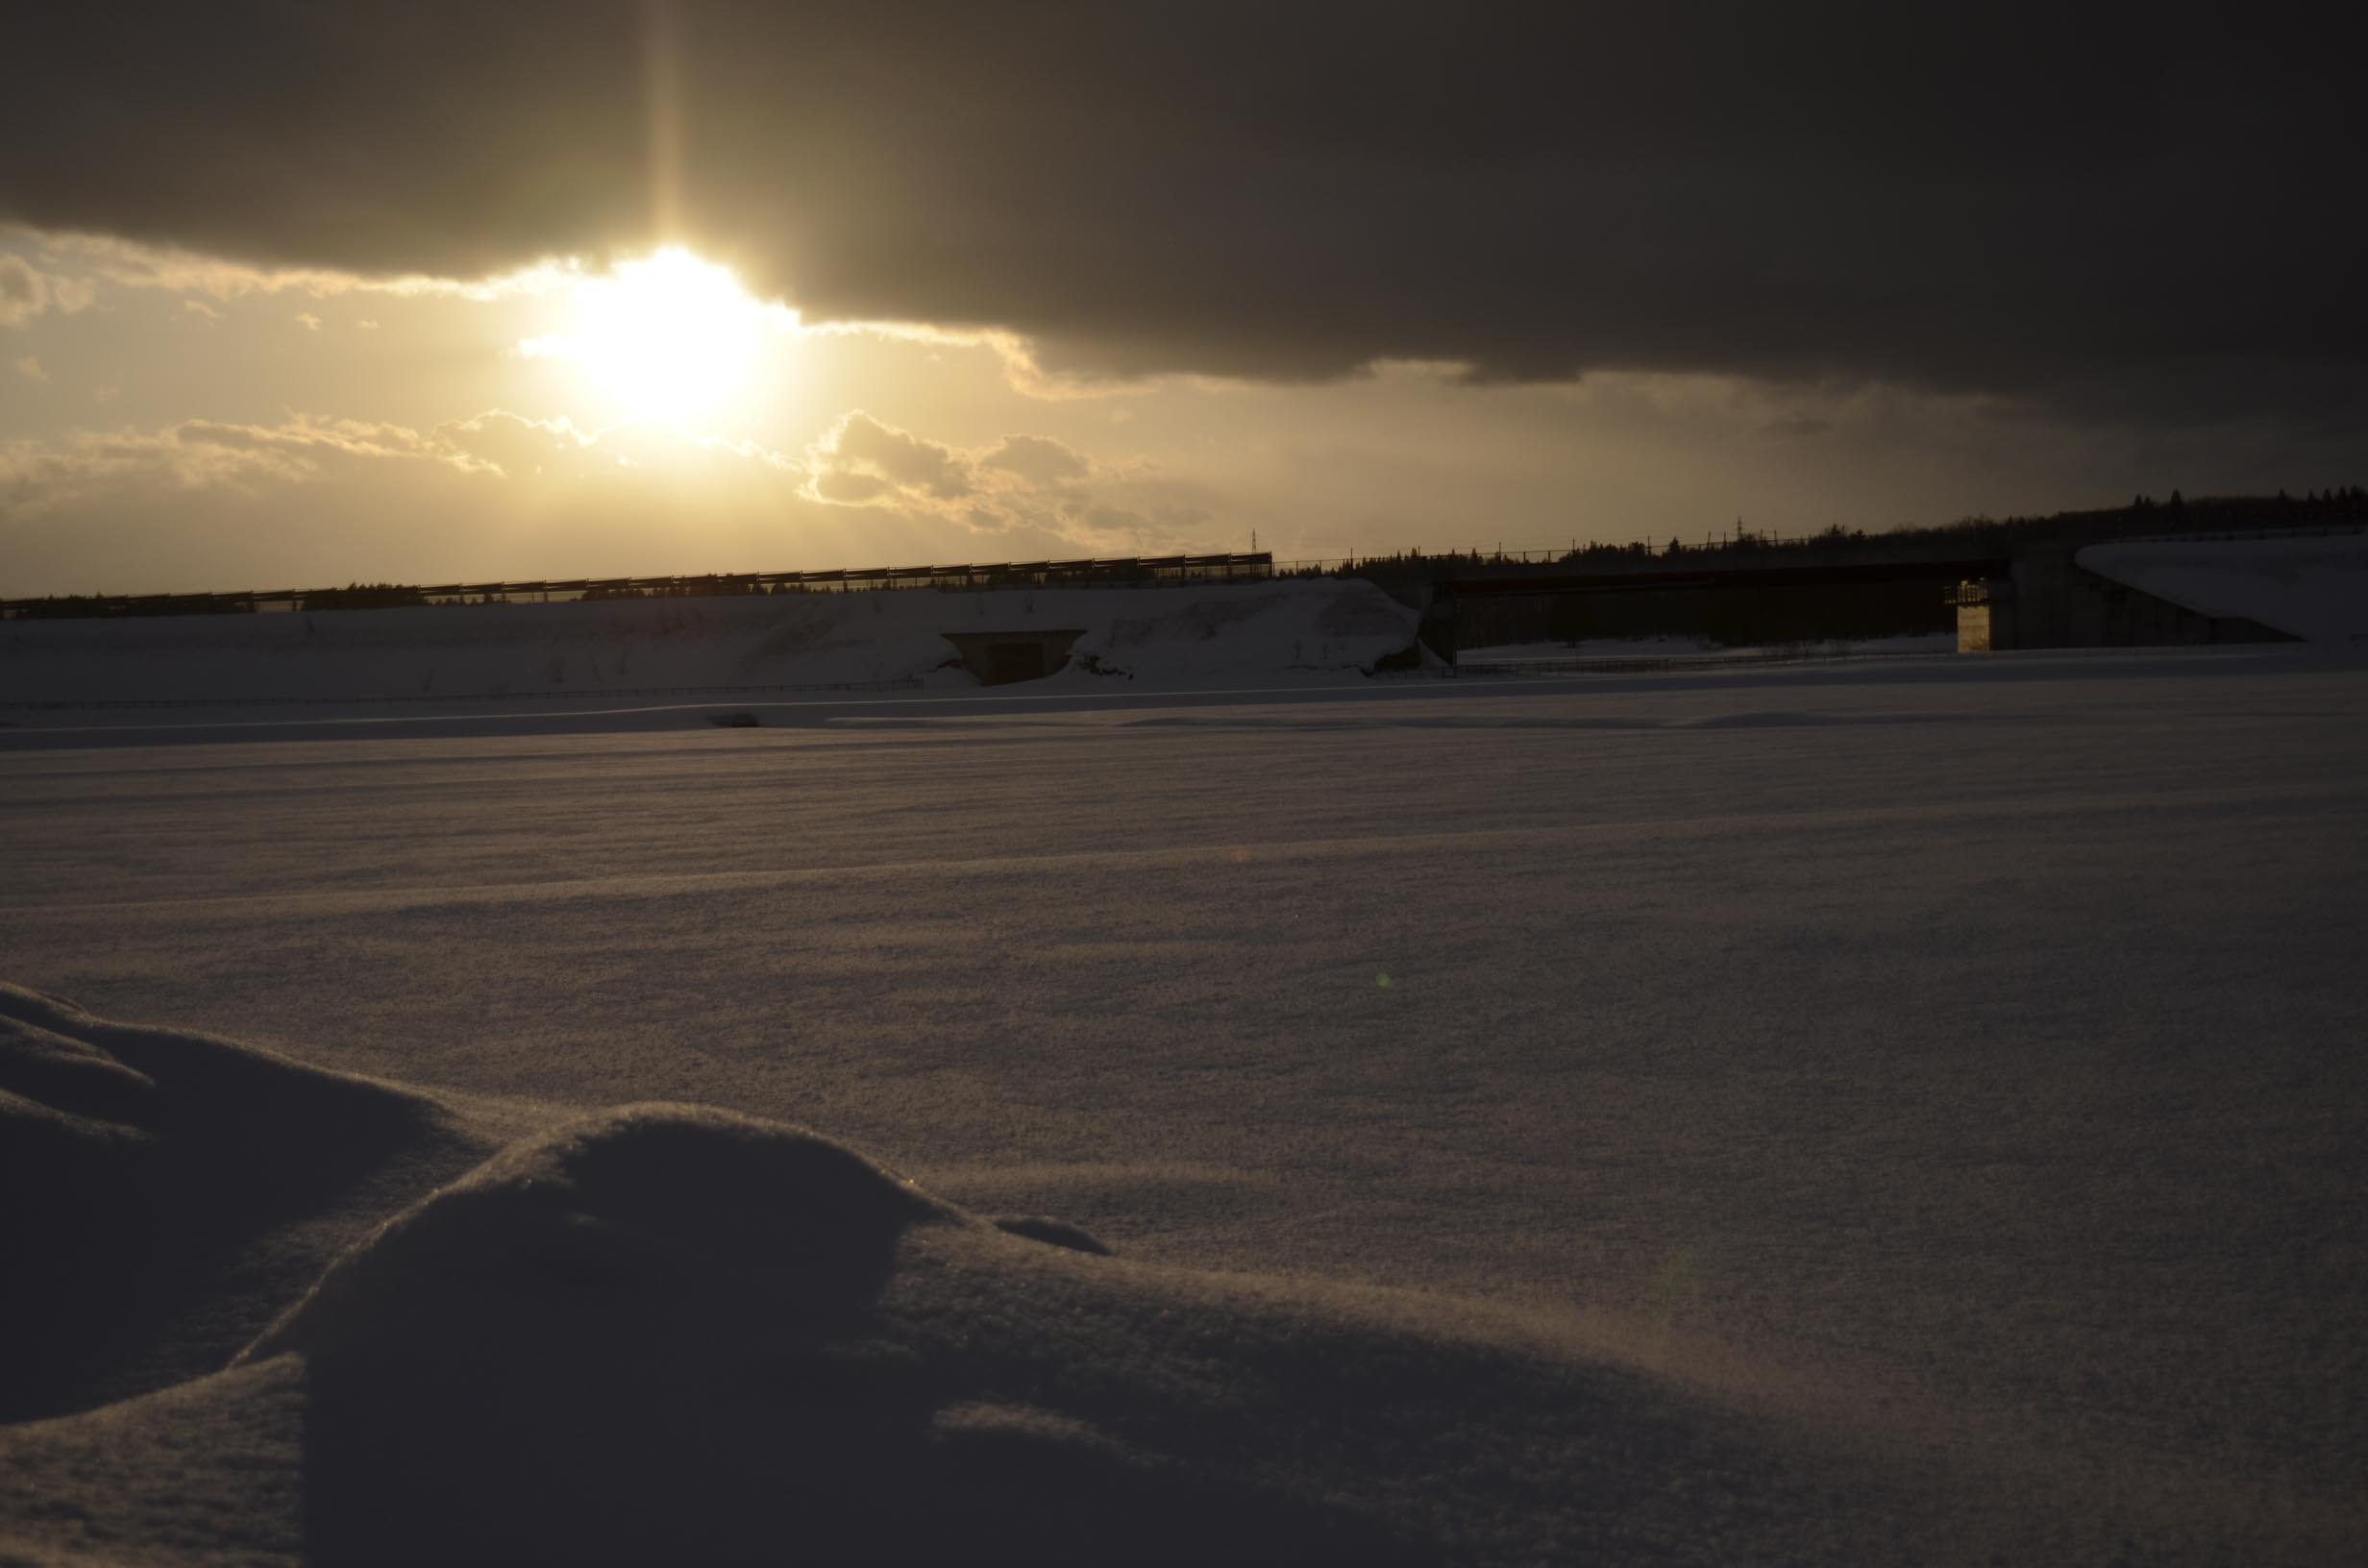 夕暮れどきの雪原